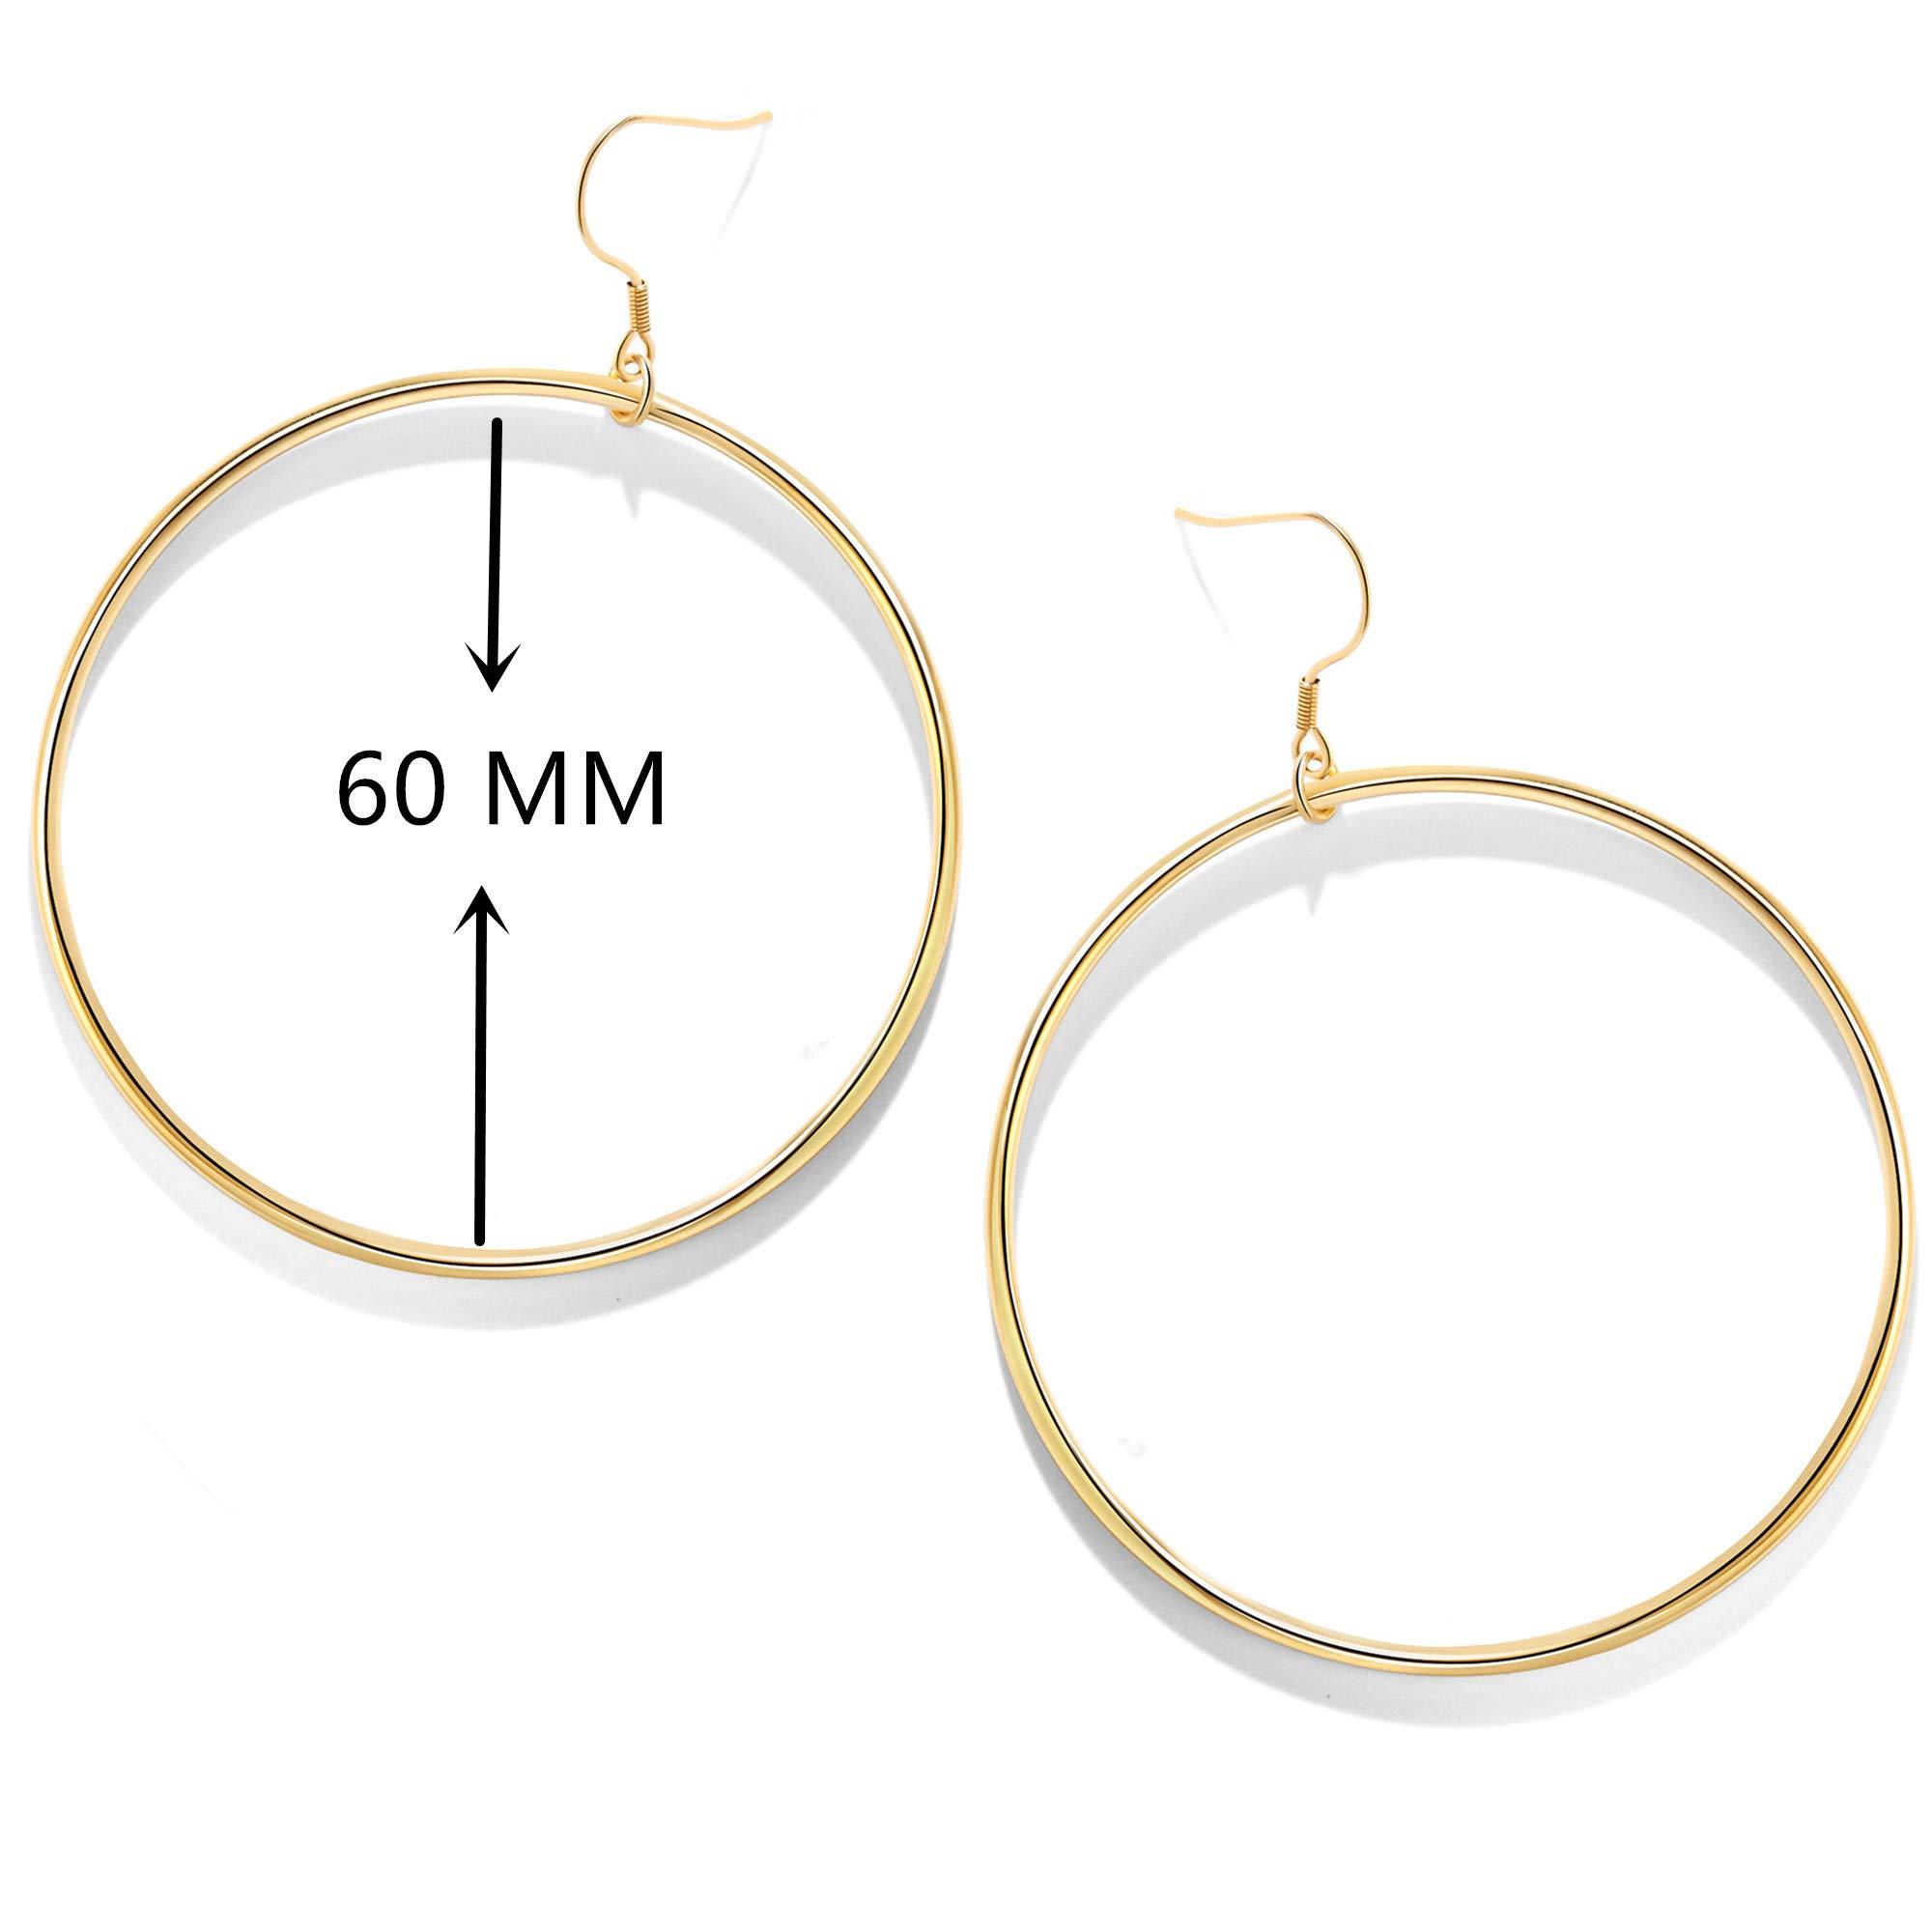 Mocalady Jewelers Womens Hoop Earrings 18 K Gold Stainless Steel Jewelry Ear Loop 60 MM